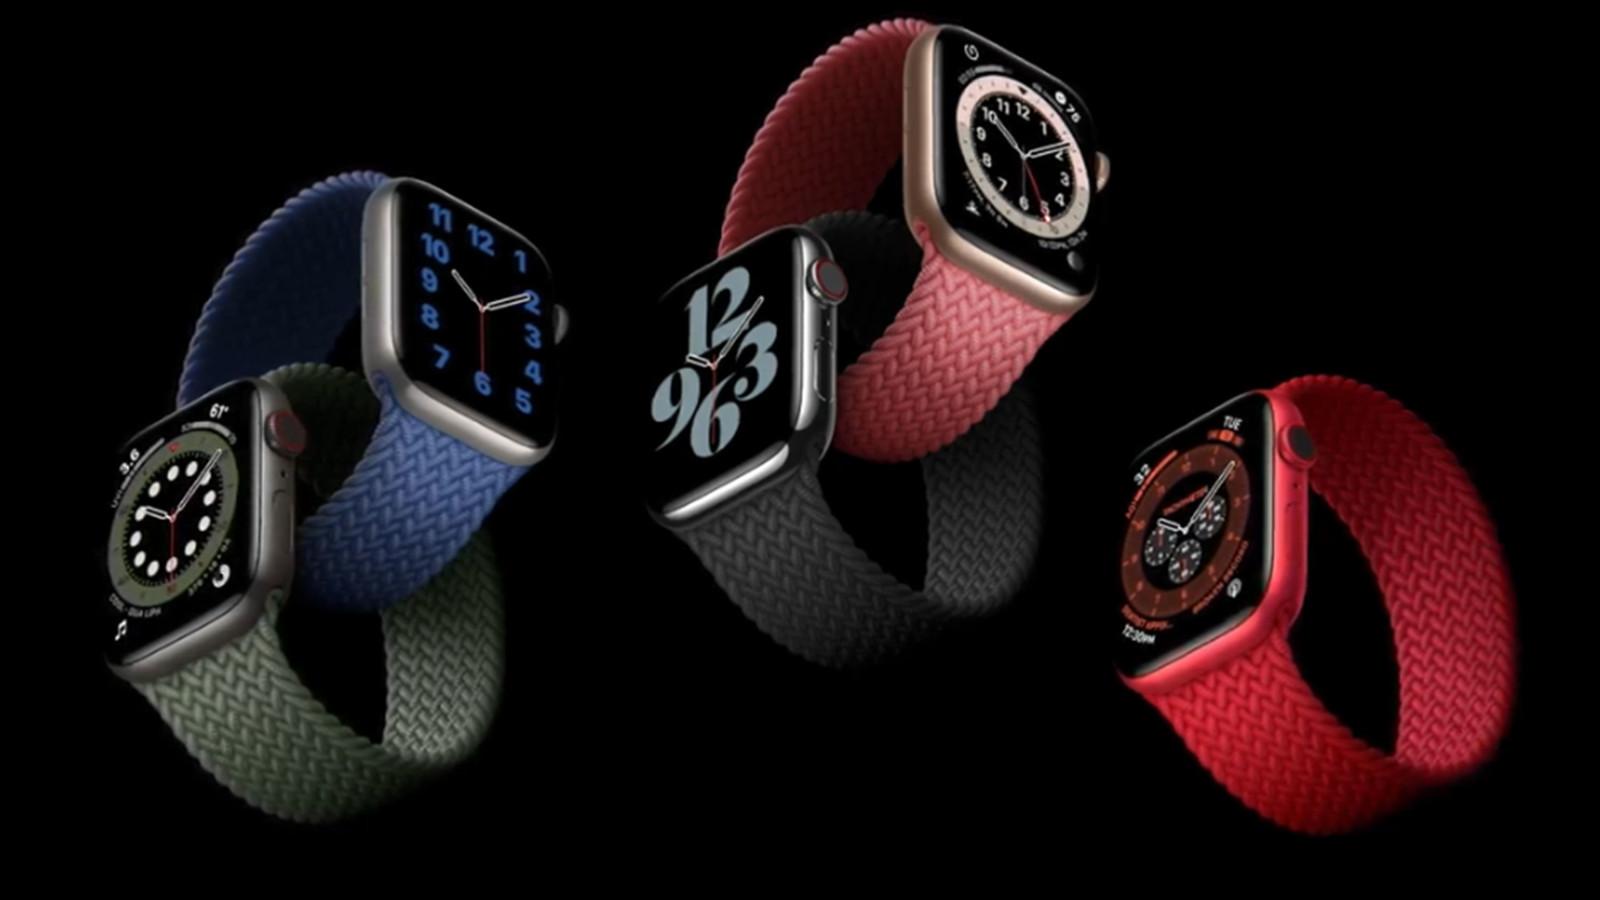 Apple Watch Series 6, Apple Watch SE